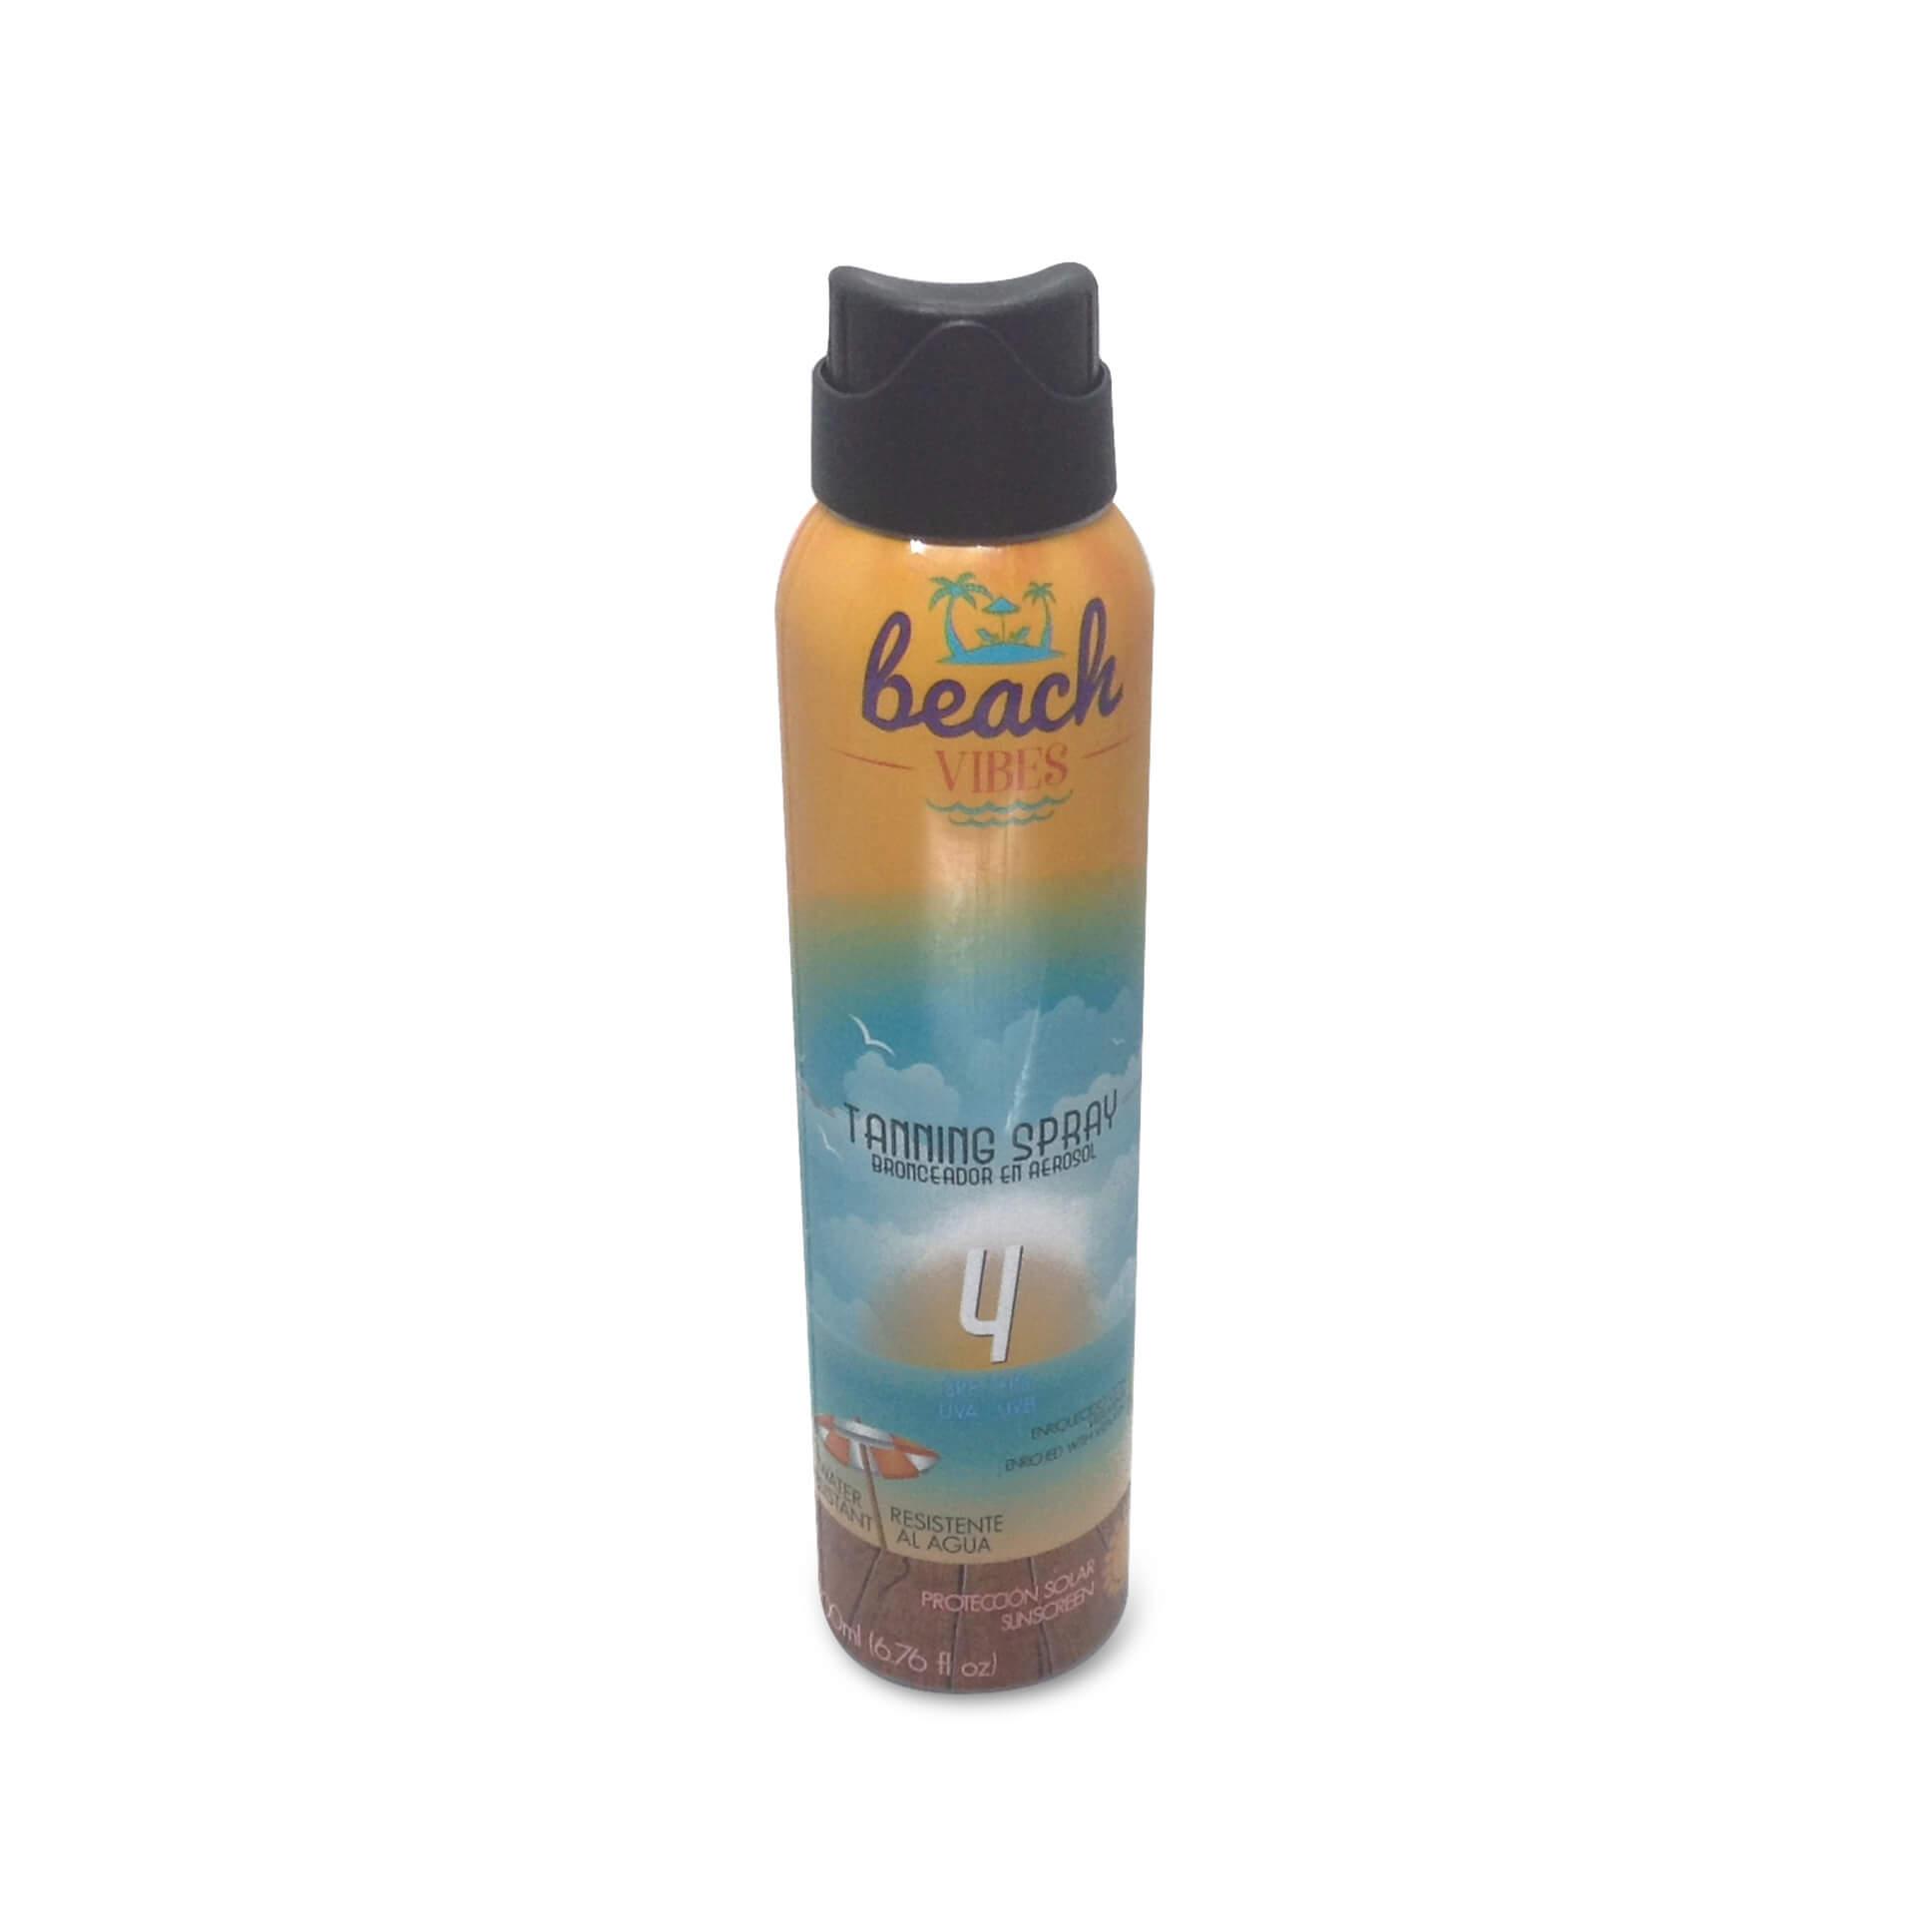 Beach Vibes Bronceador en aerosol FPS 4